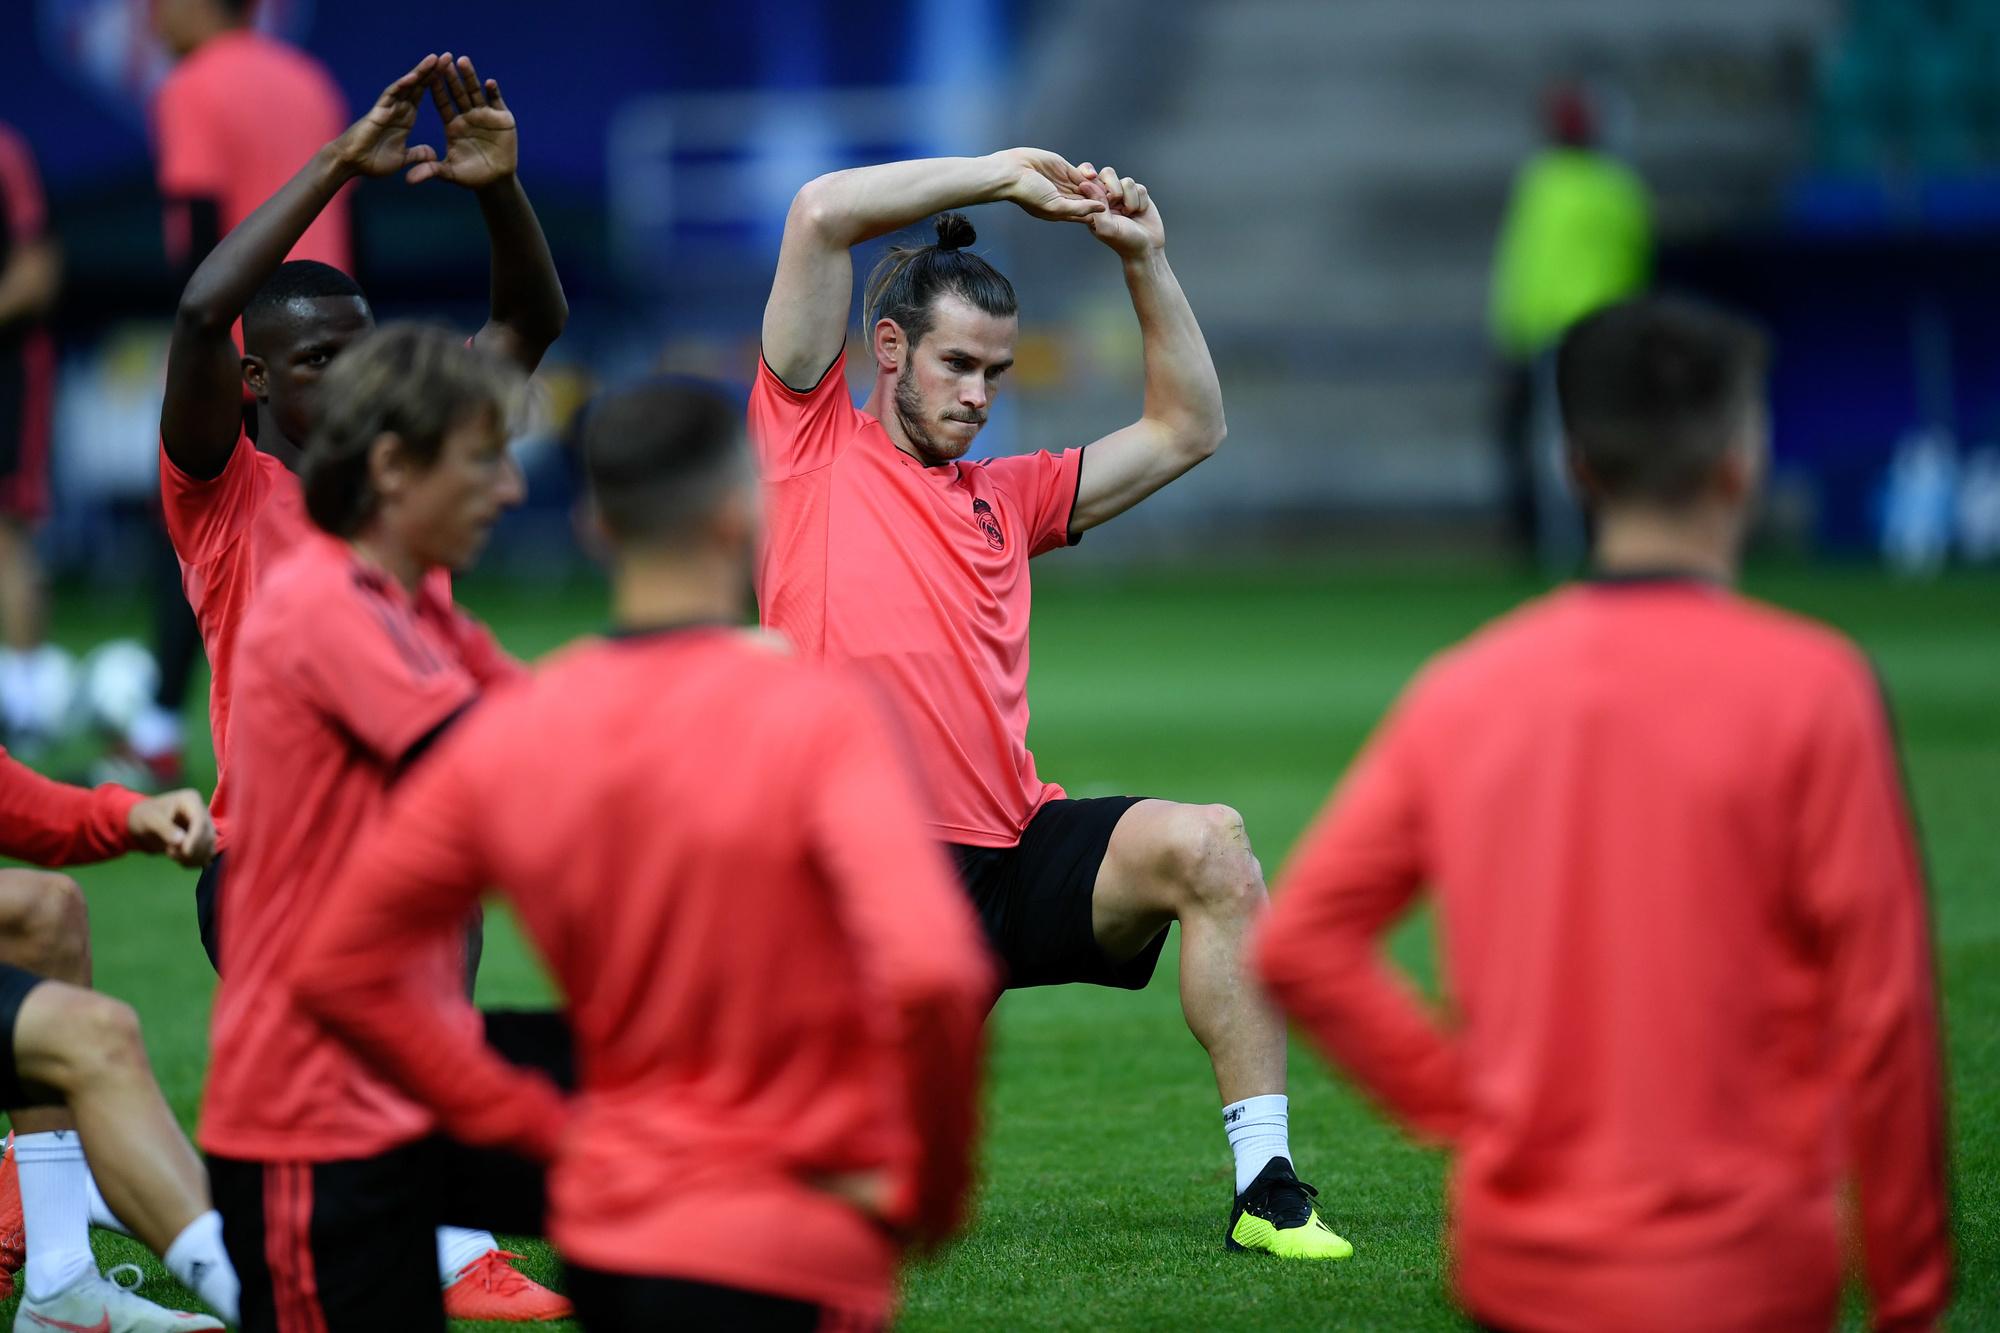 Bale flirtte uitgebreid met Jiangsu Suning, maar de transfer werd opgeblazen., belgaimage